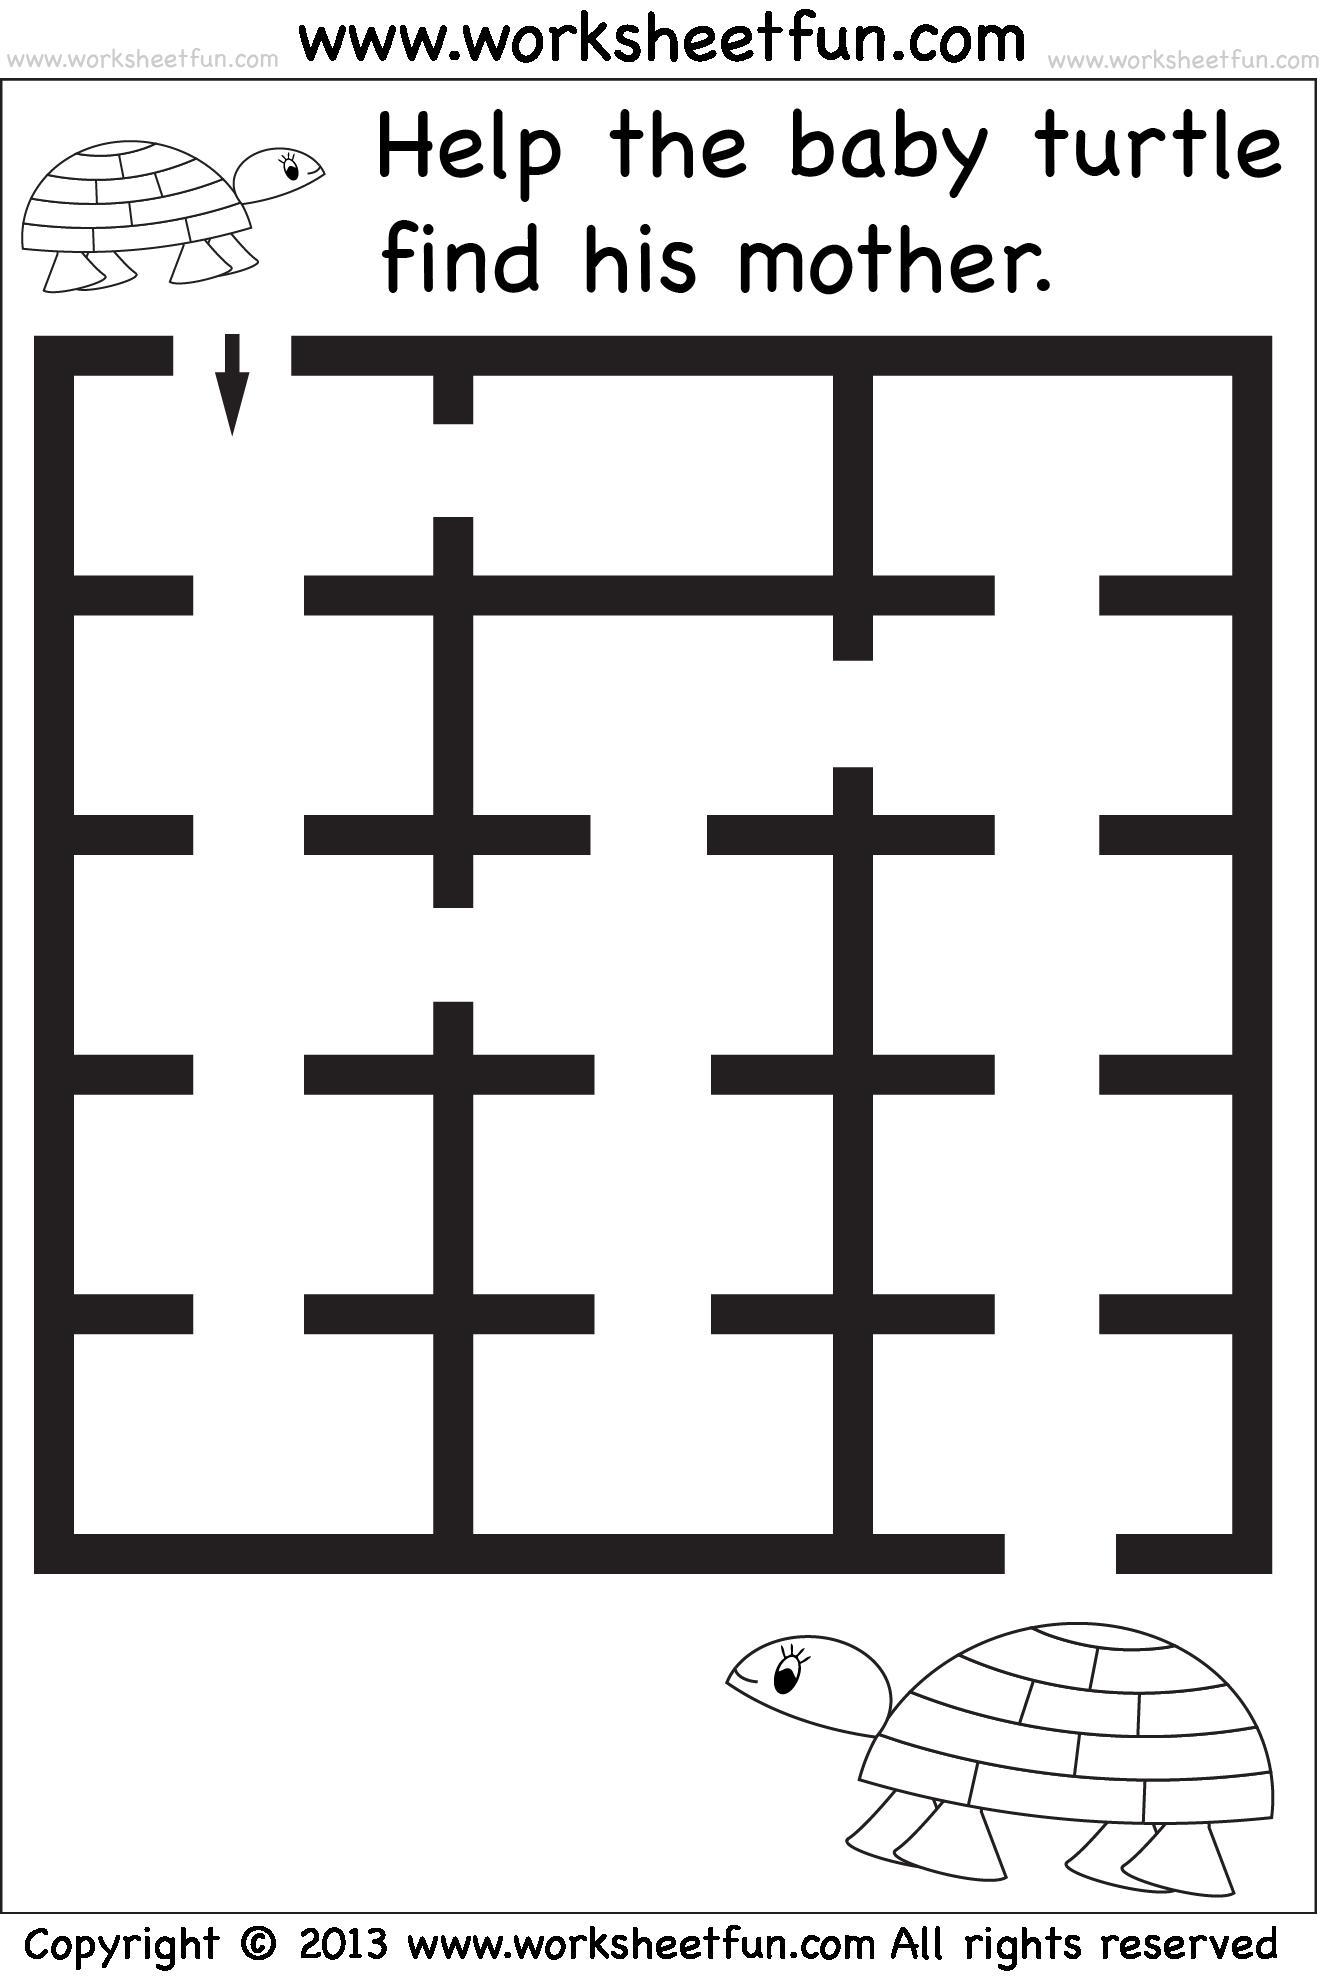 Free Printable Worksheets Kindergarten Worksheets Free Kindergarten Worksheets Kindergarten Worksheets Free Printables [ 1982 x 1323 Pixel ]